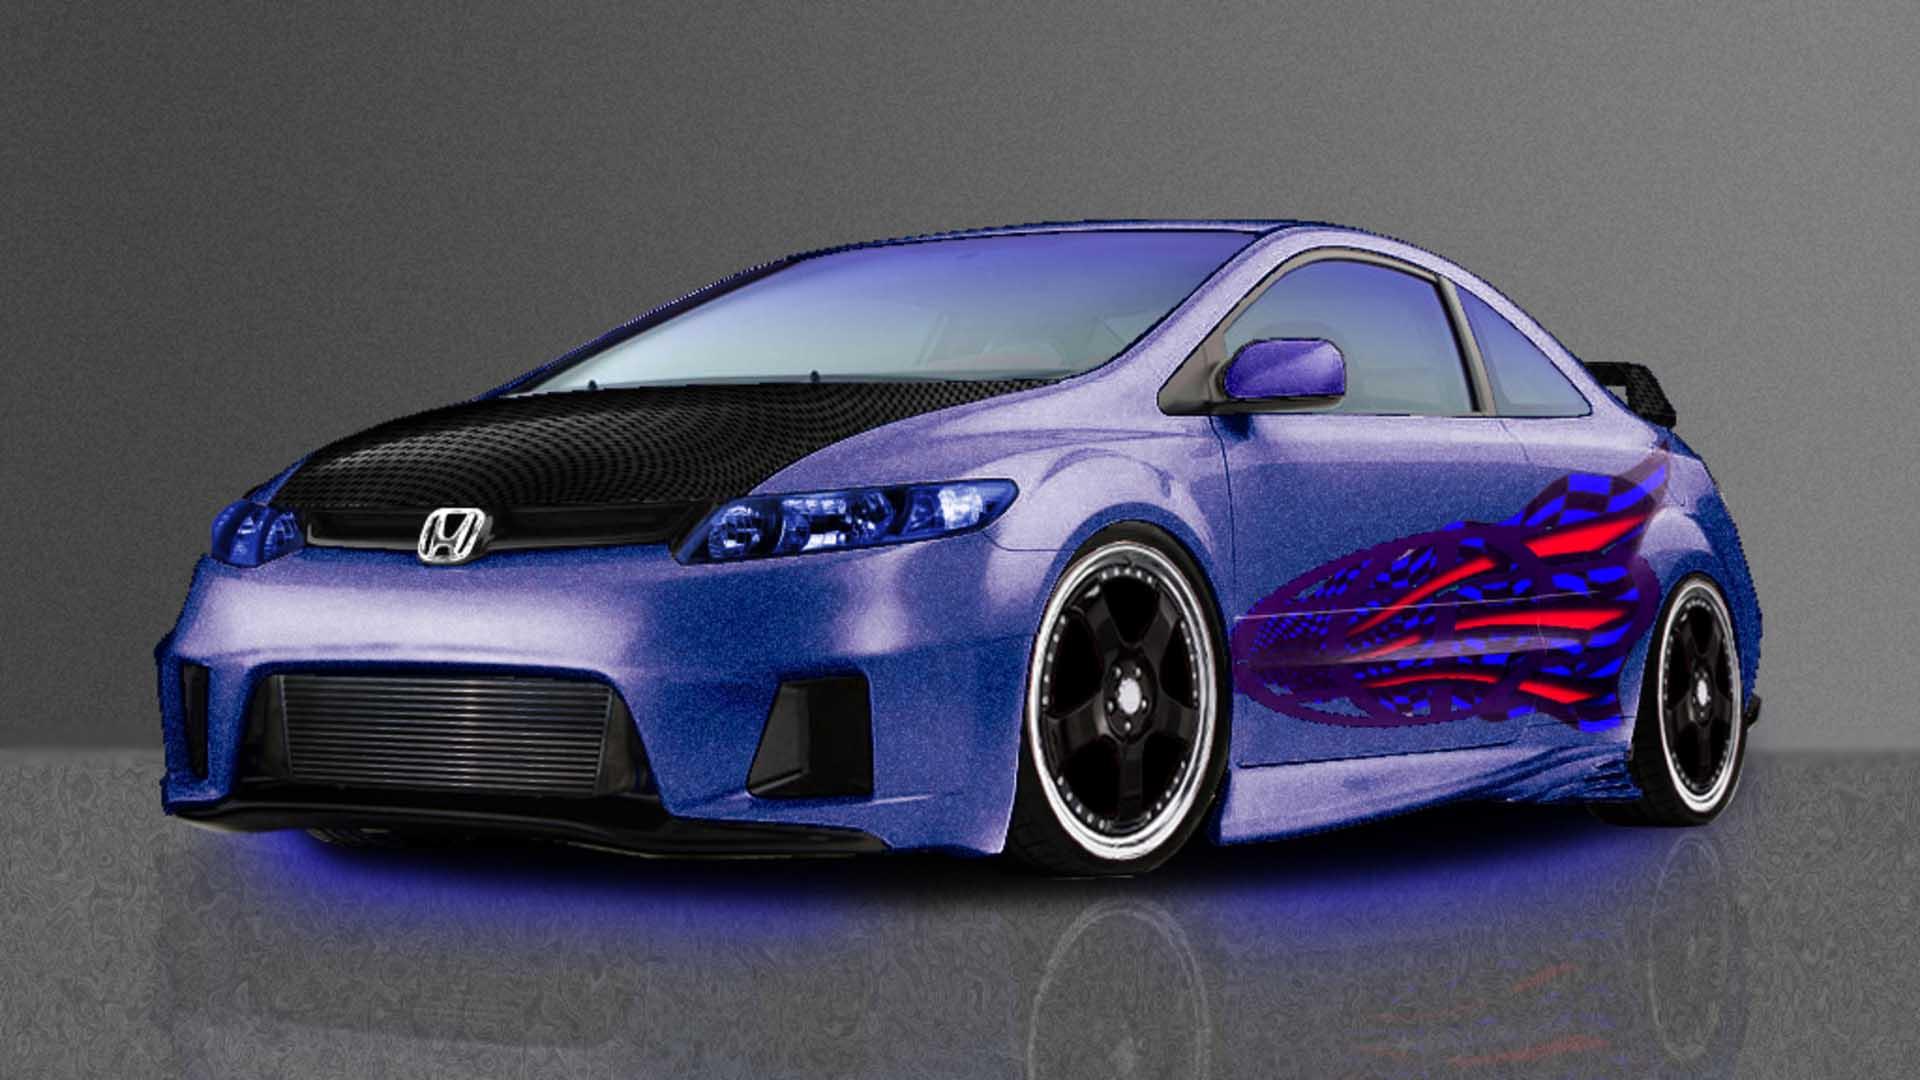 Hot Exotic Honda Custom Free Download Image Of